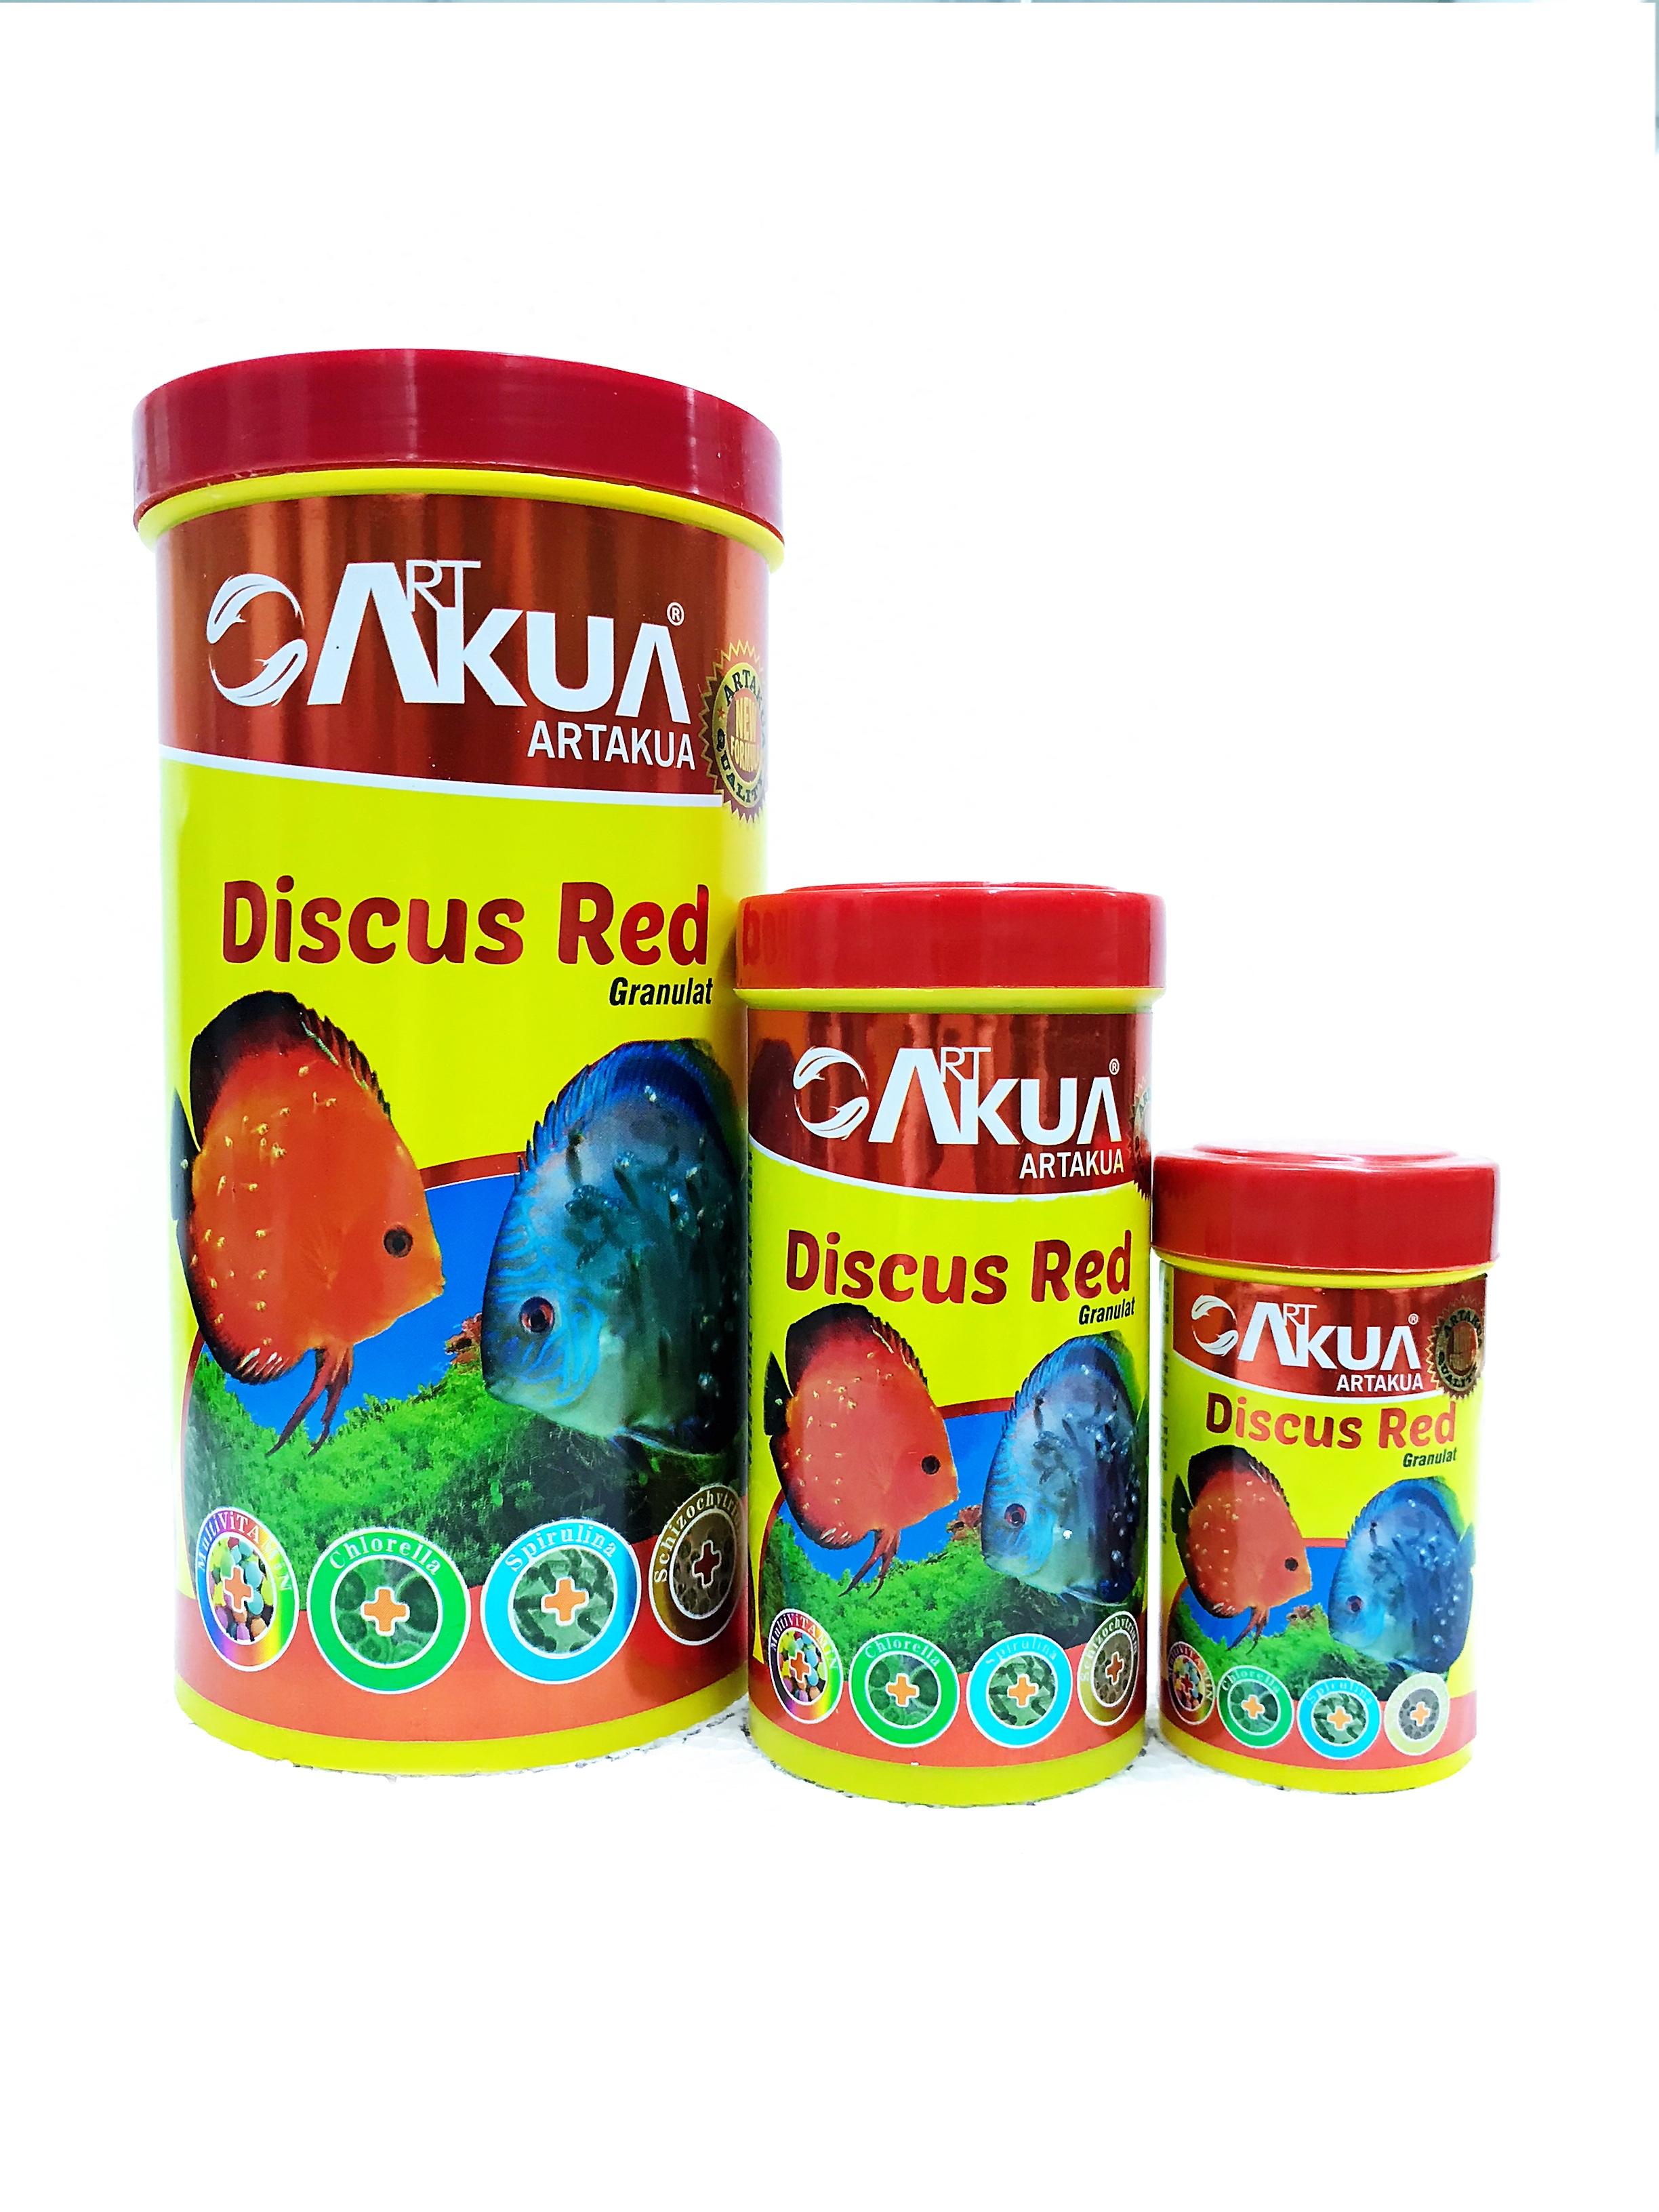 Artakua Discus Red